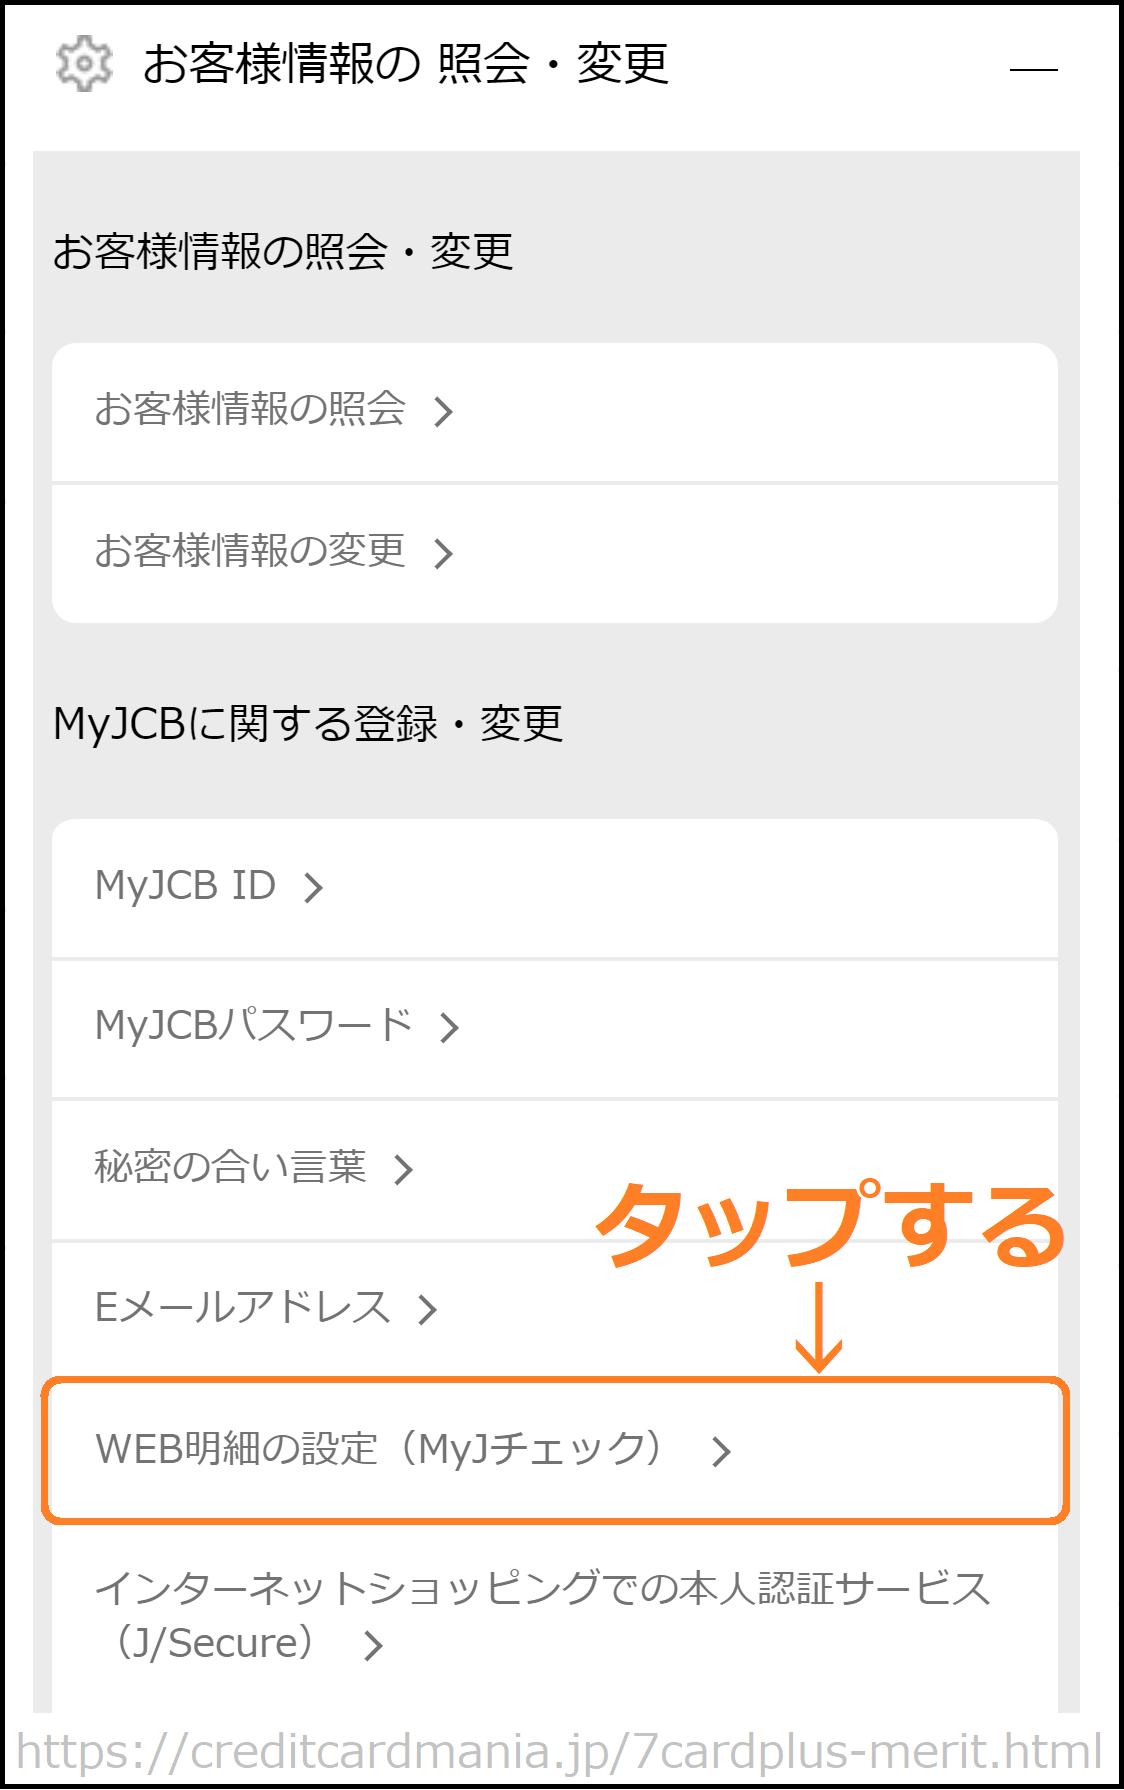 セブンカード・プラスのWEB明細の設定(MyJチェック)の画面